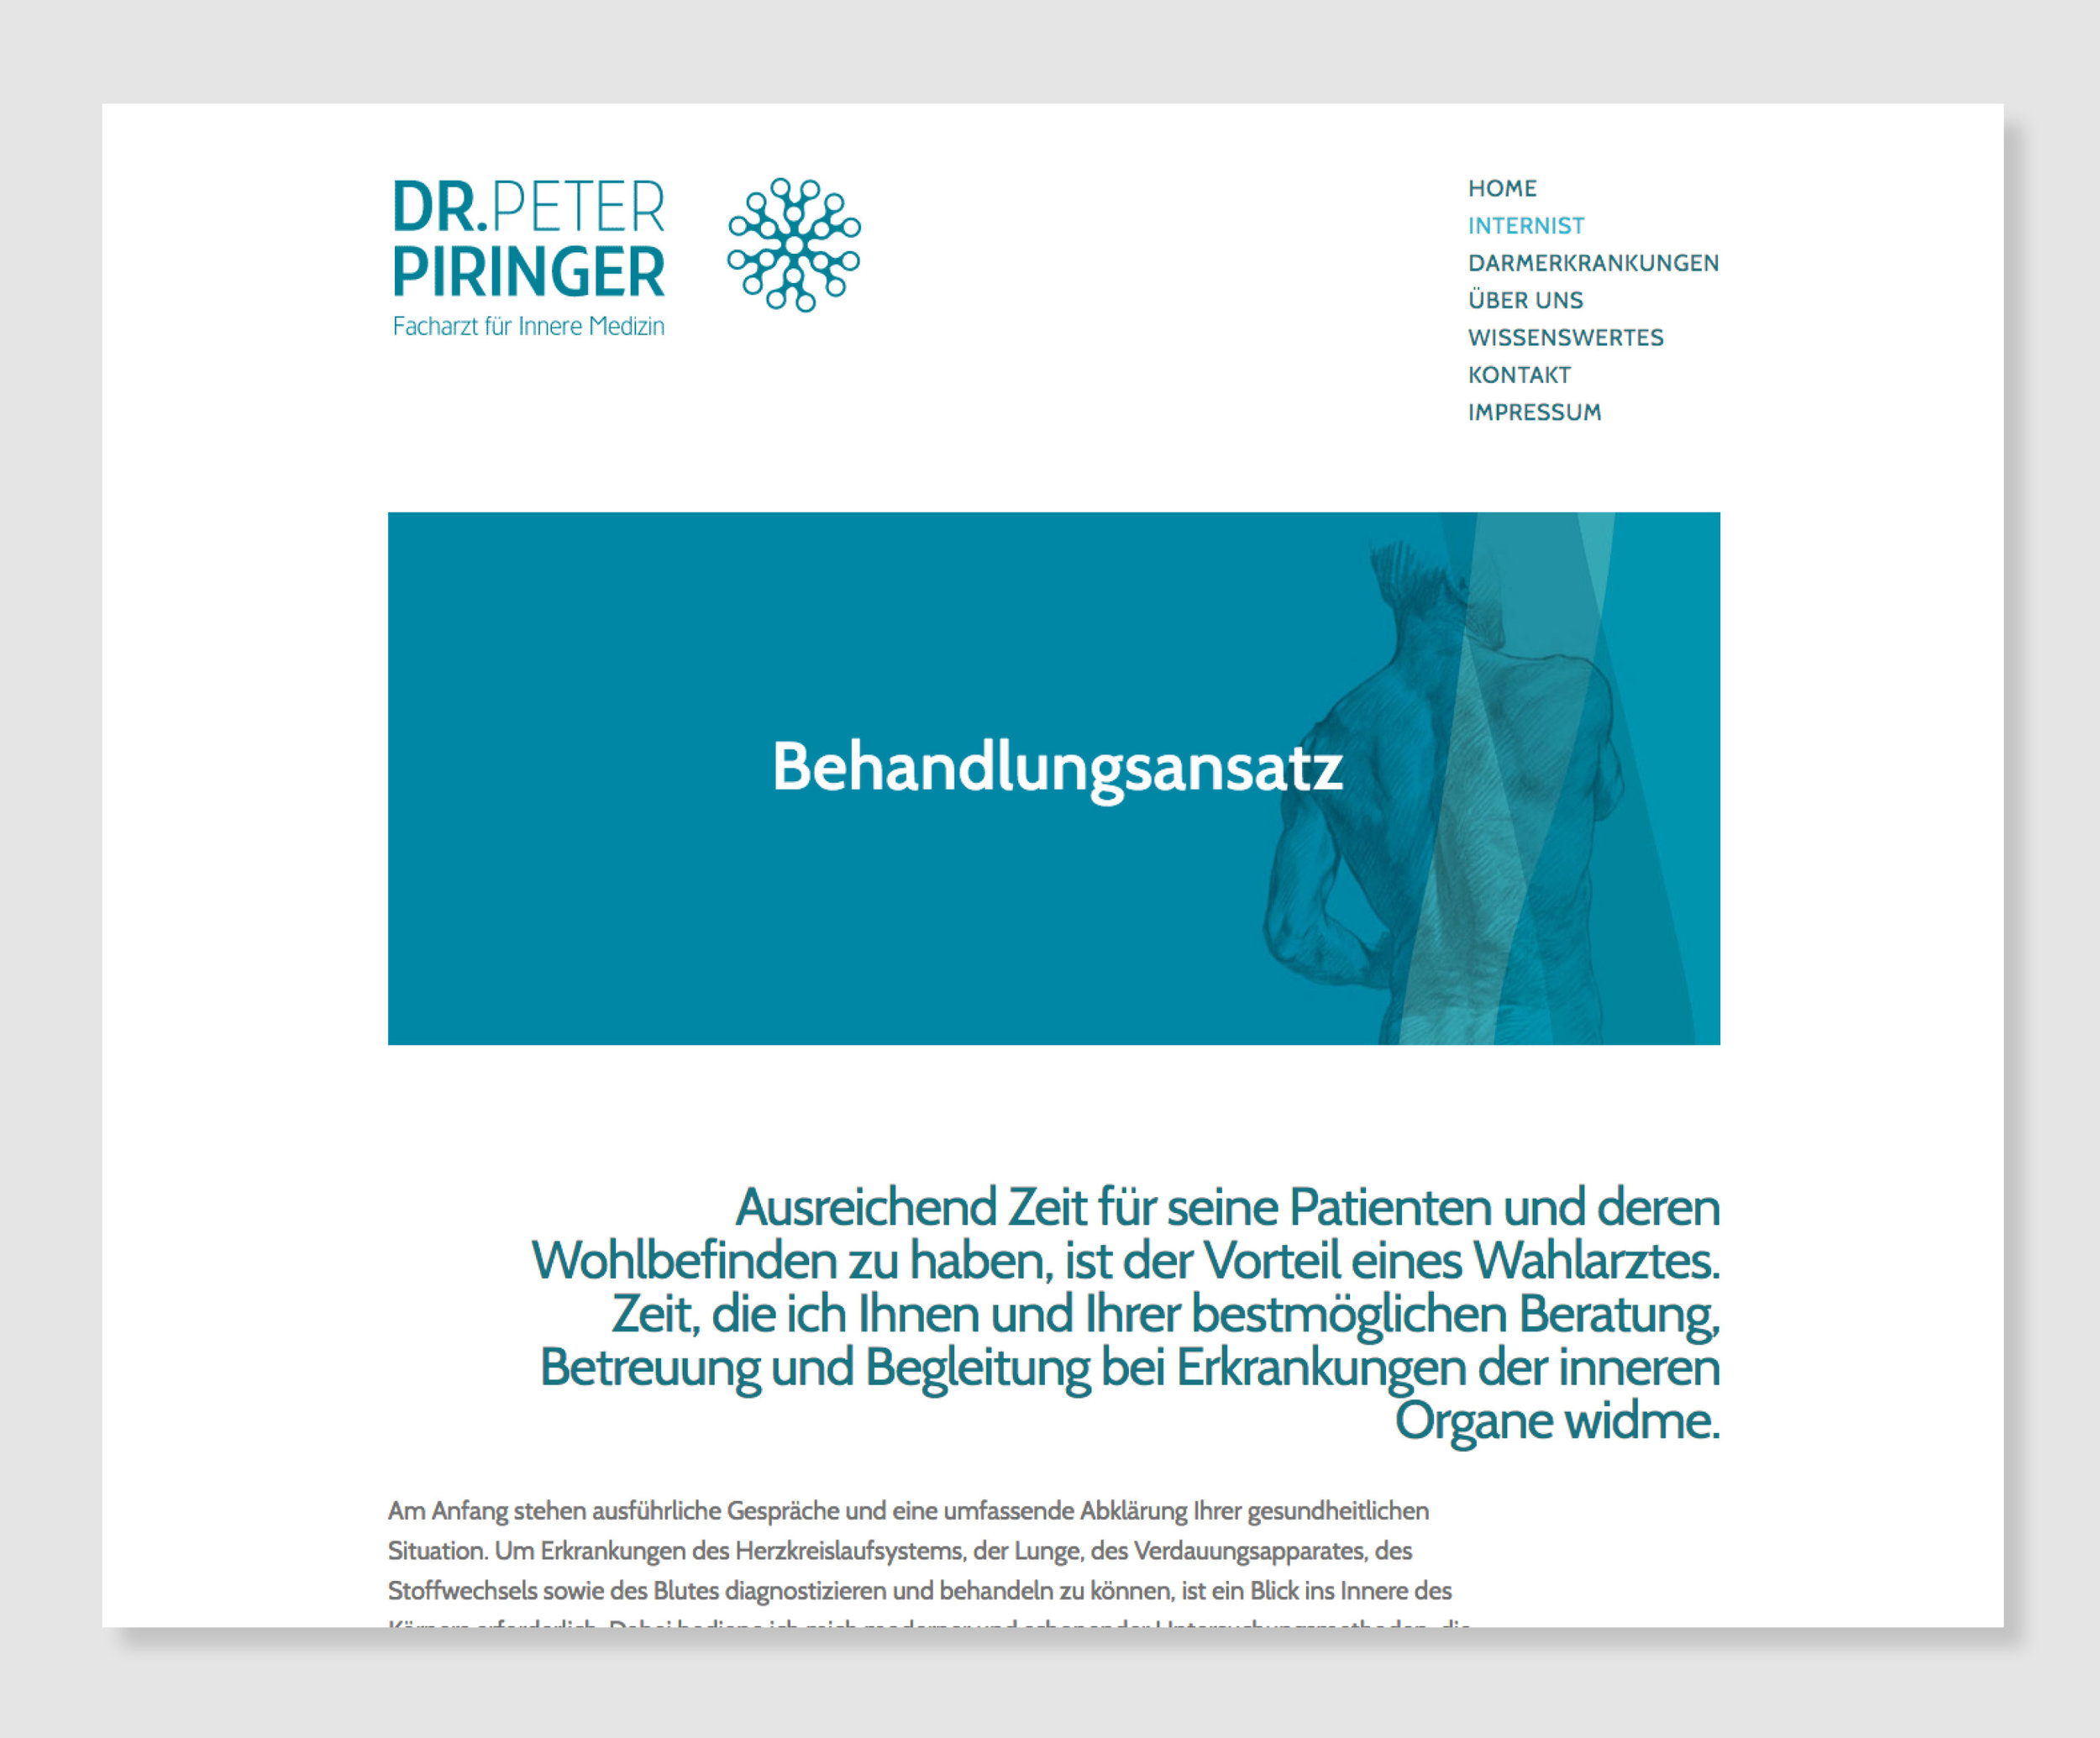 homepage-2-dr-piringer-designkitchen.jpg